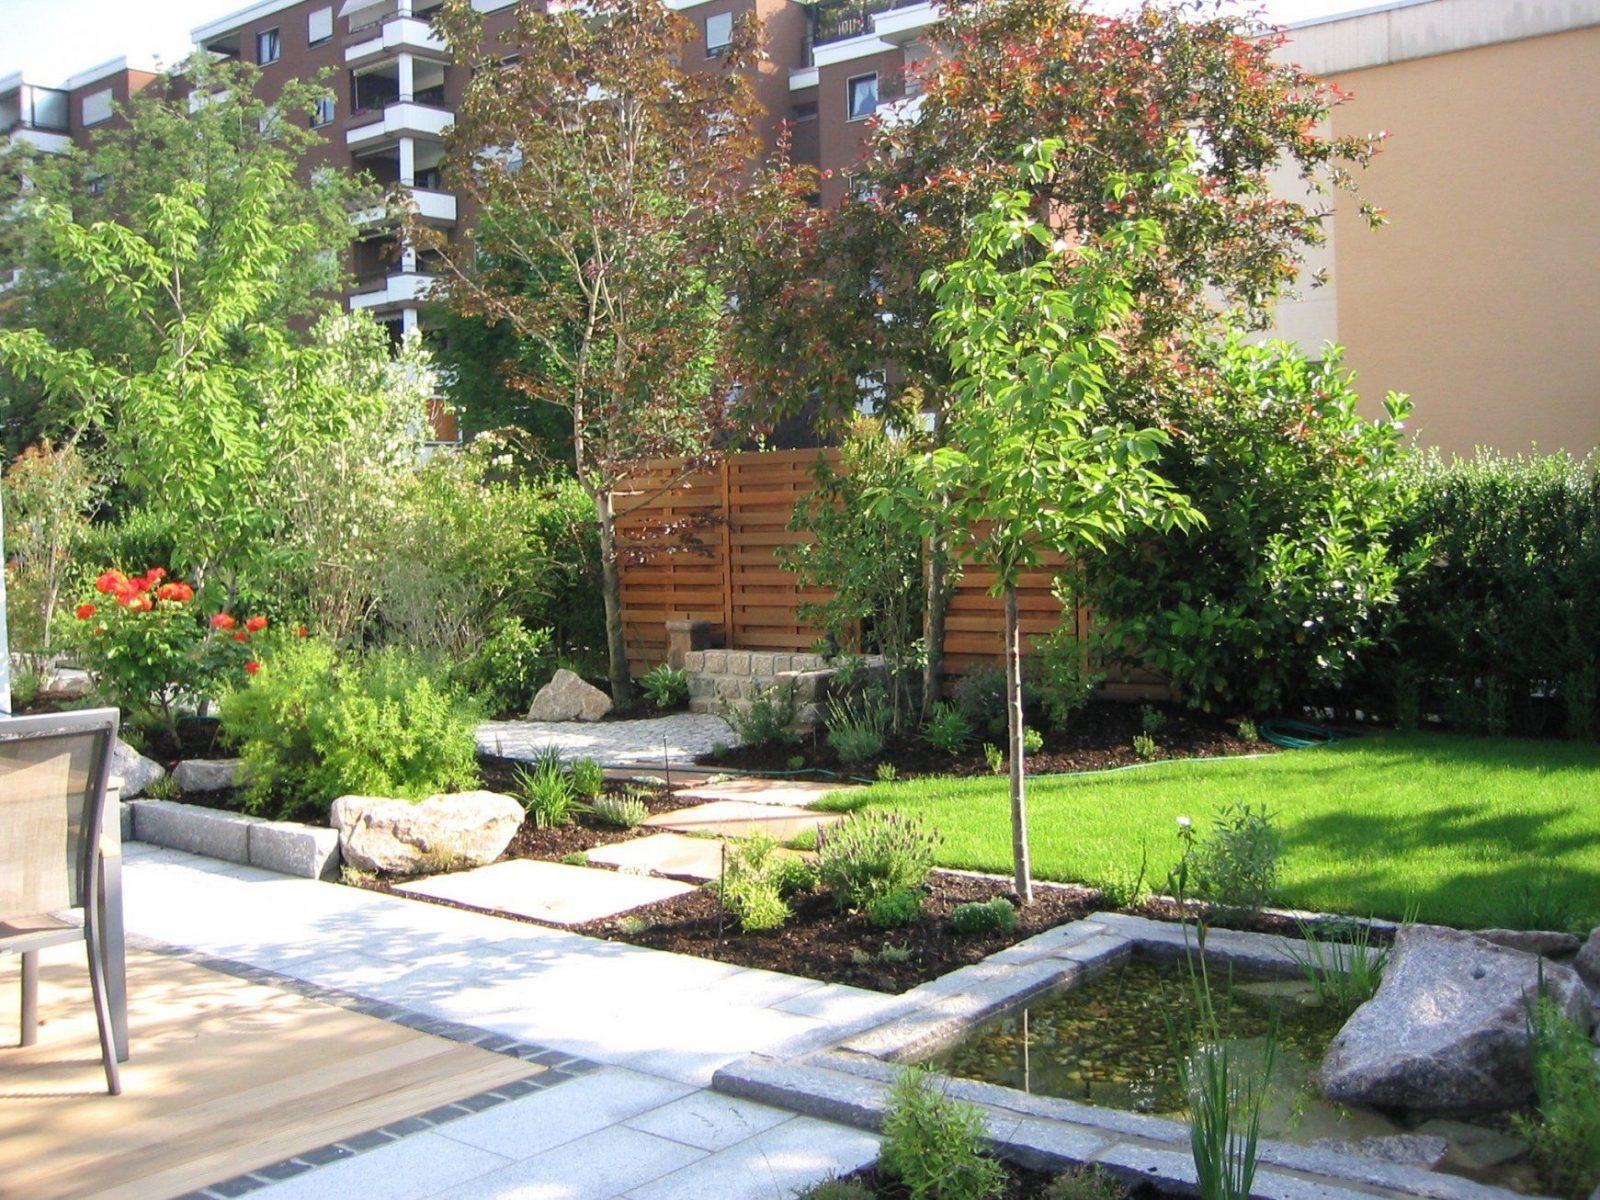 Kleine Gärten Gestalten Ohne Rasen Schön Gartenideen Reihenhaus von Kleine Gärten Gestalten Ohne Rasen Bild